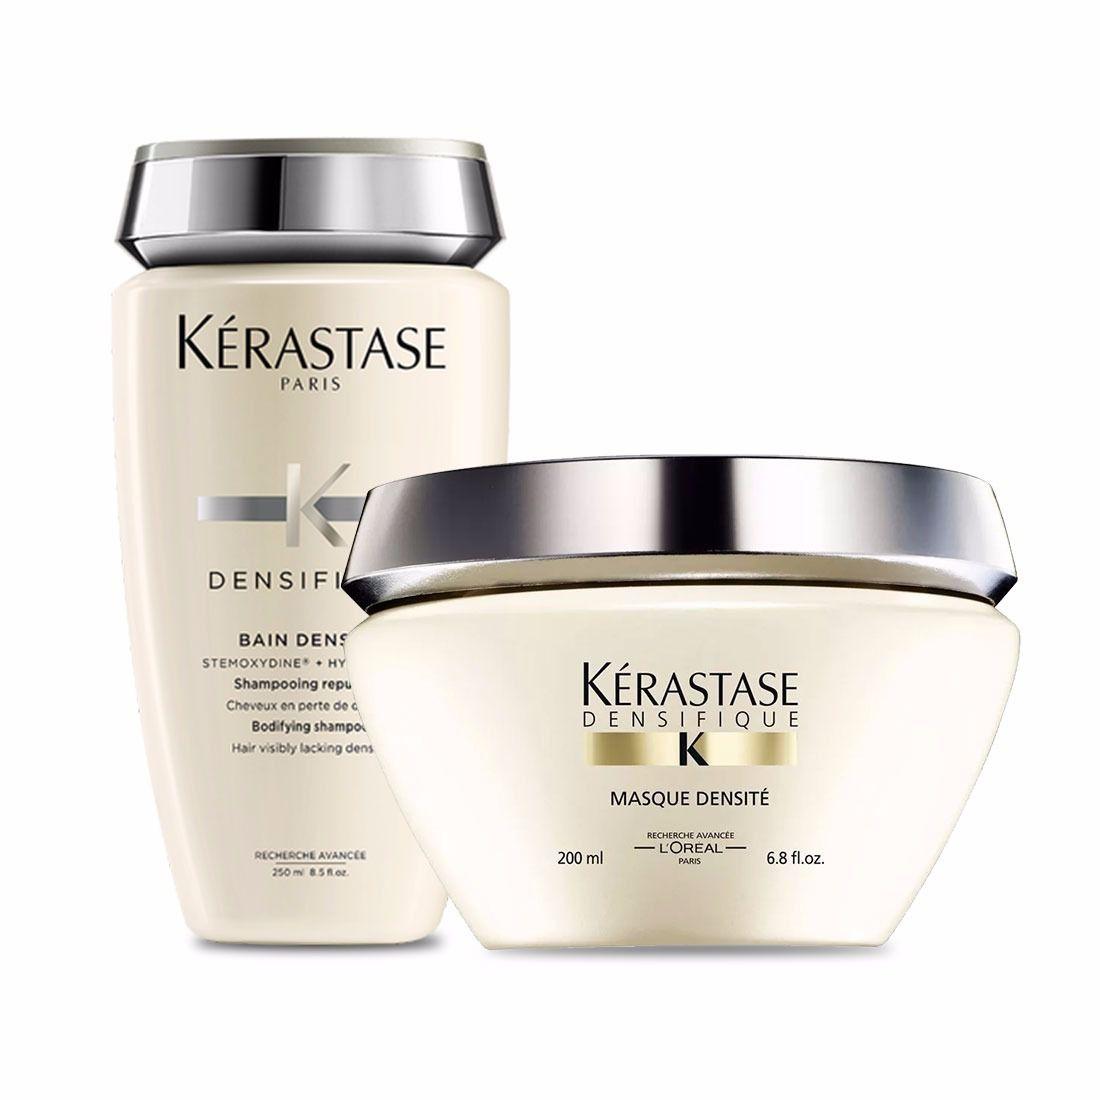 Kit Capilar Kerastase Densifique